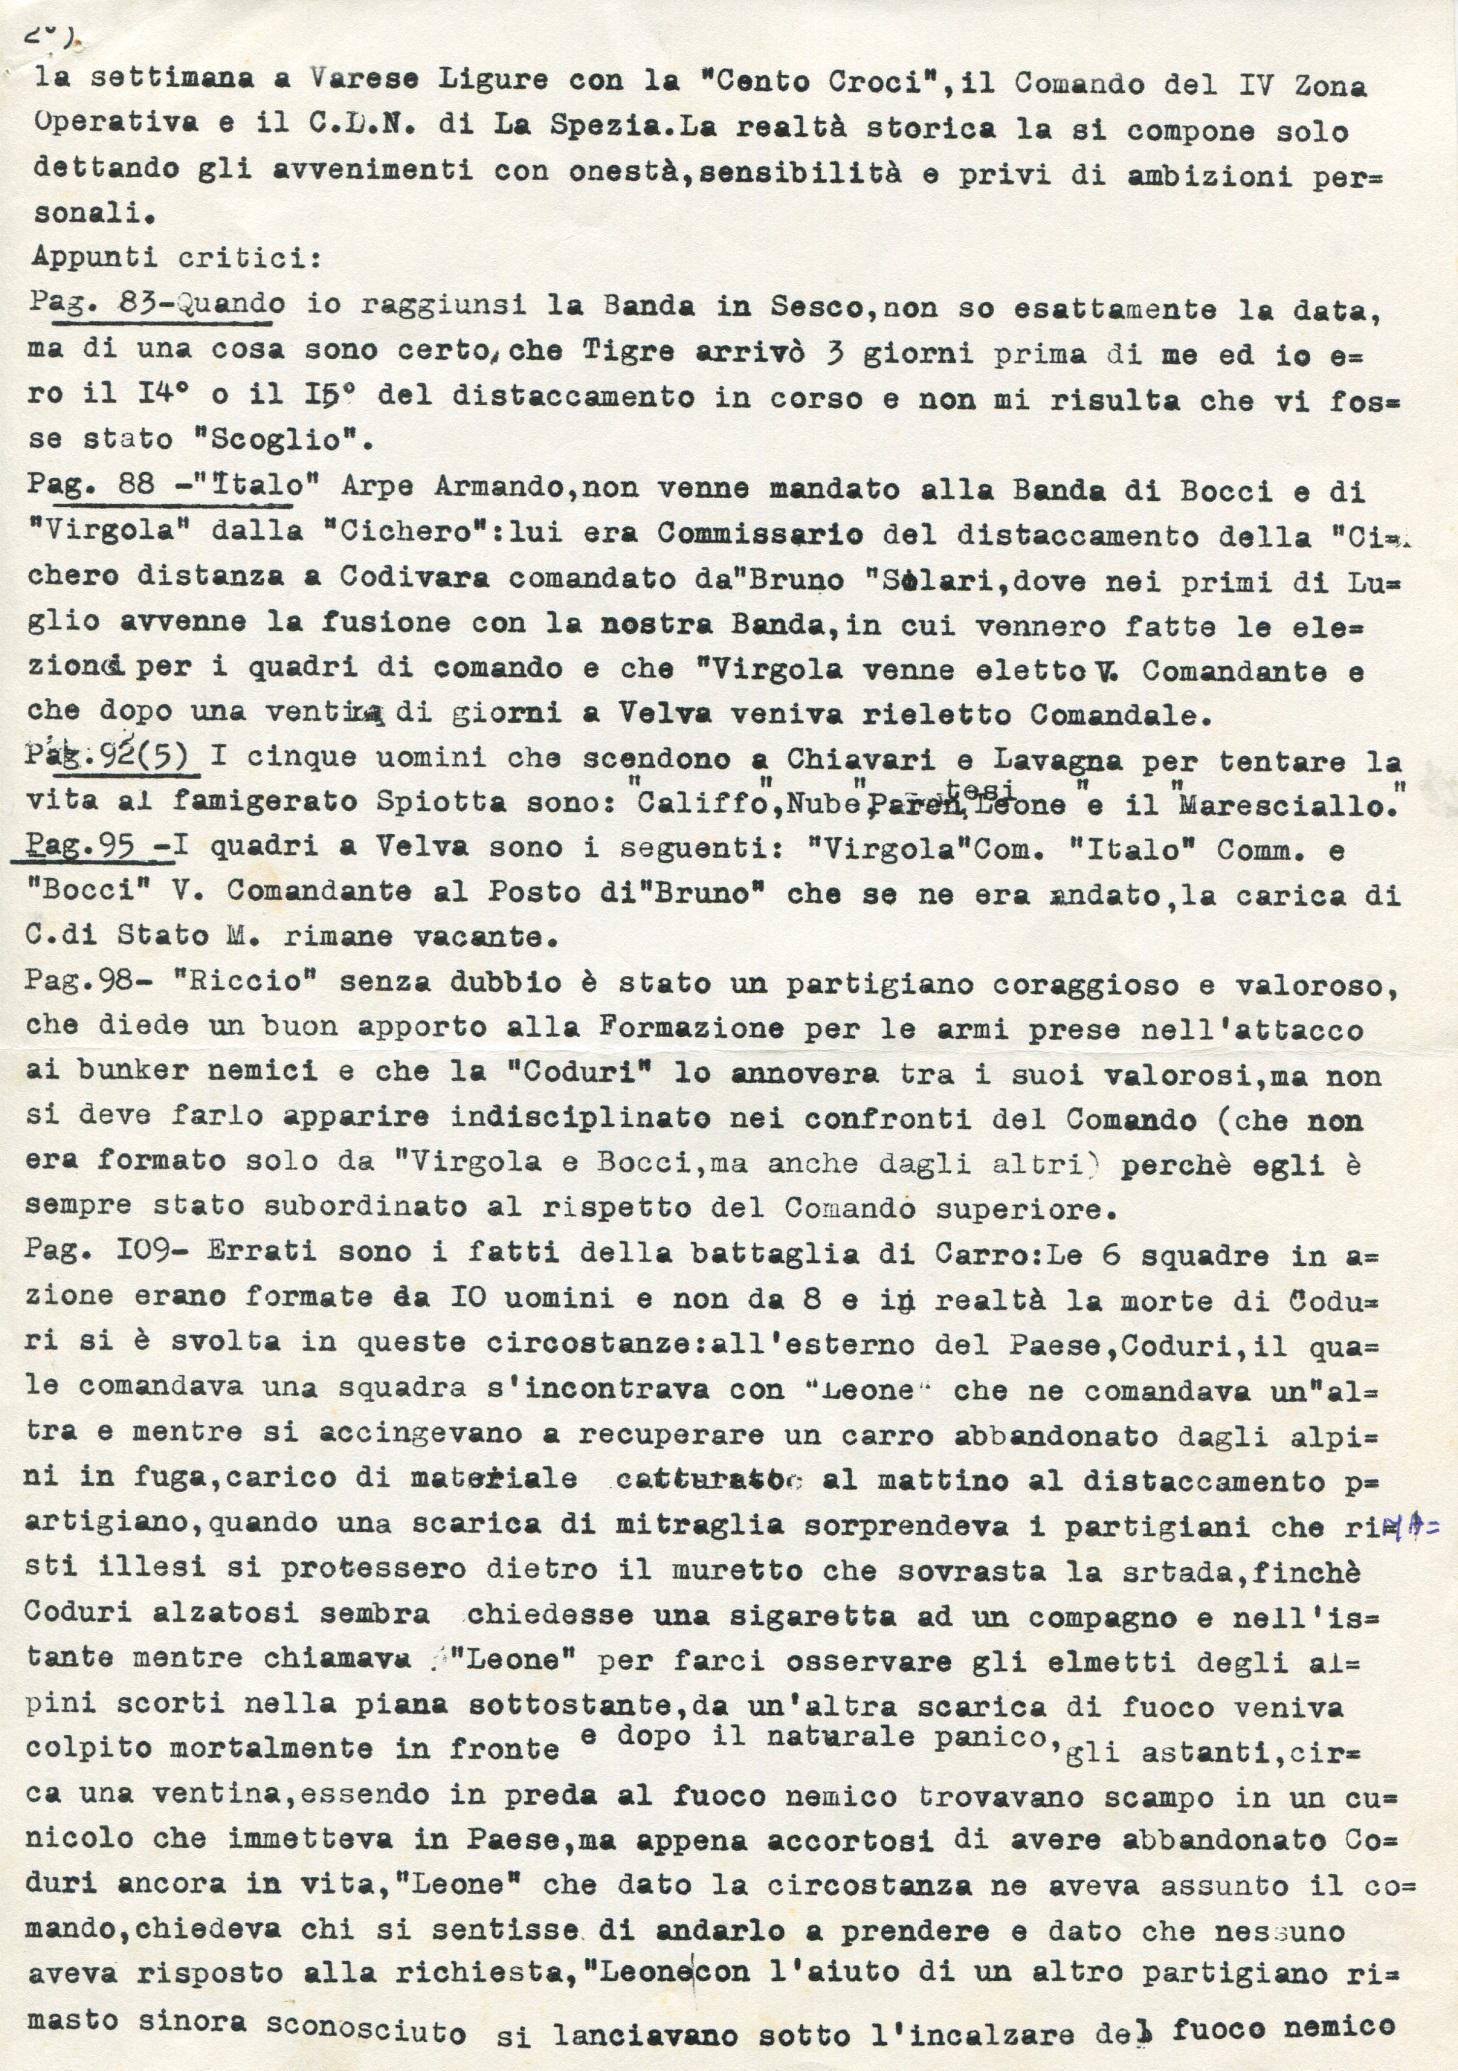 Lettera di Leone ad Amato Berti pag. 2